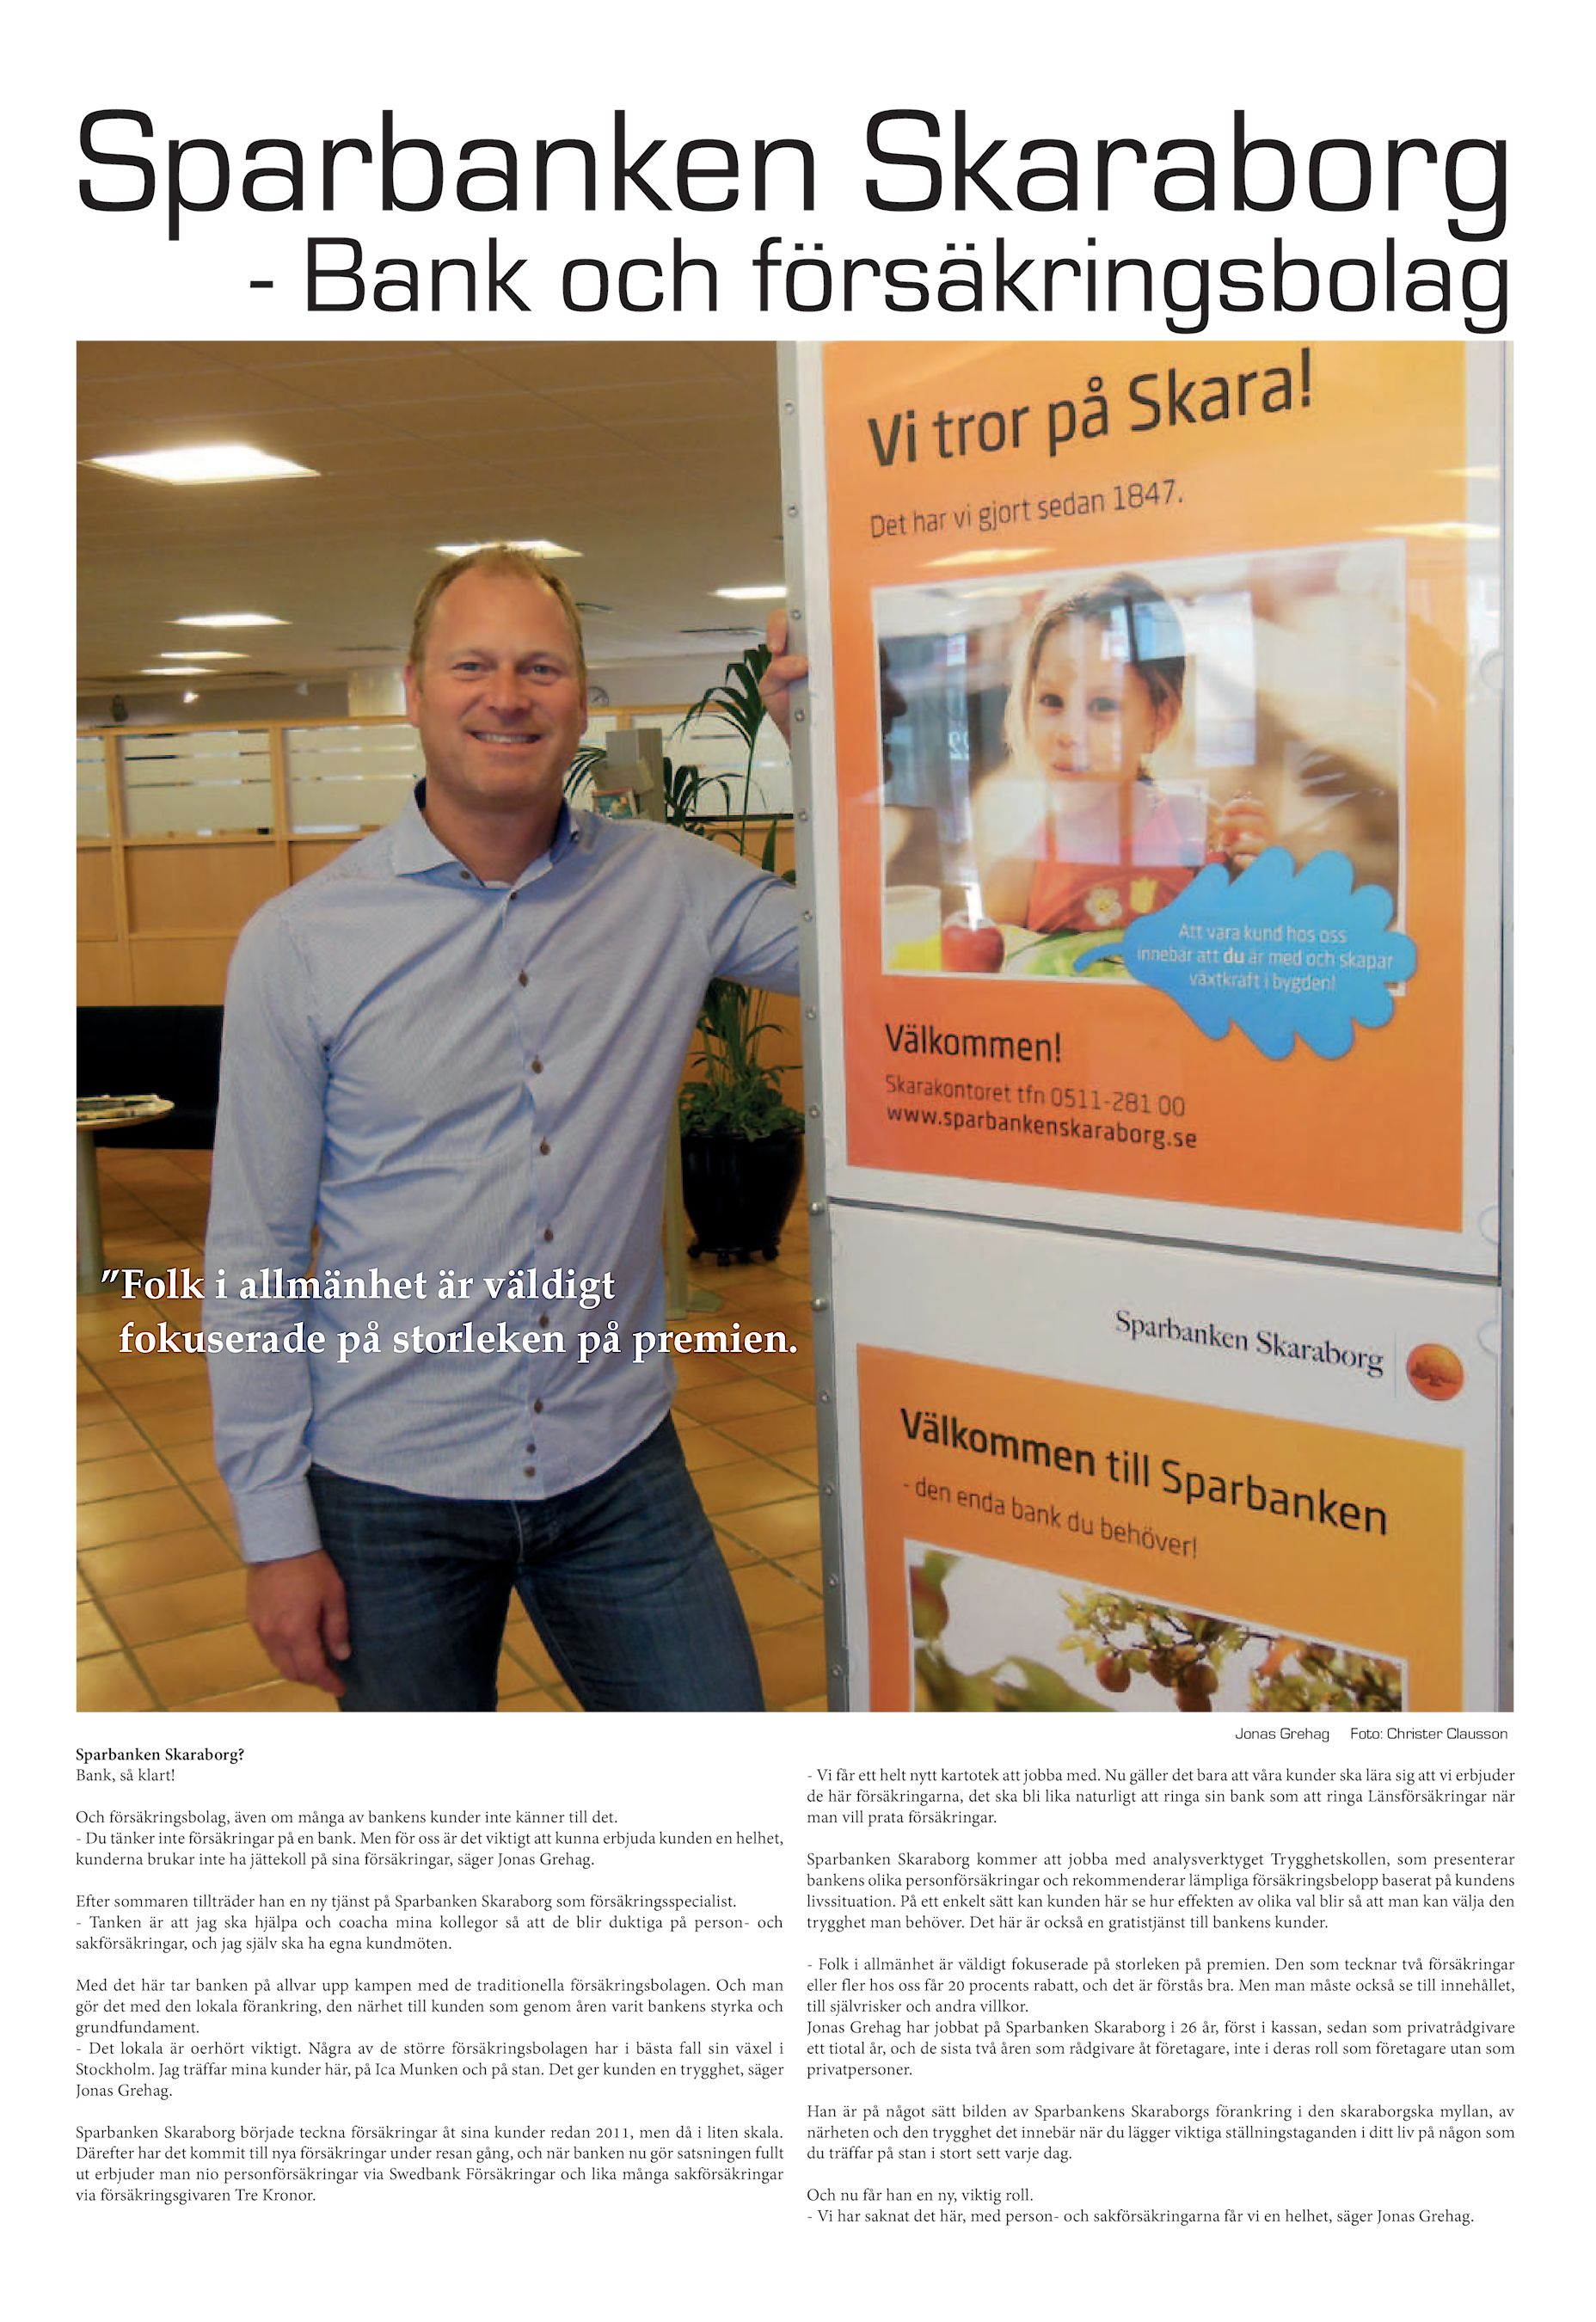 a04bc9801b9 Jonas Grehag Sparbanken Skaraborg? Bank, så klart! Och försäkringsbolag,  även om många av bankens kunder inte ...